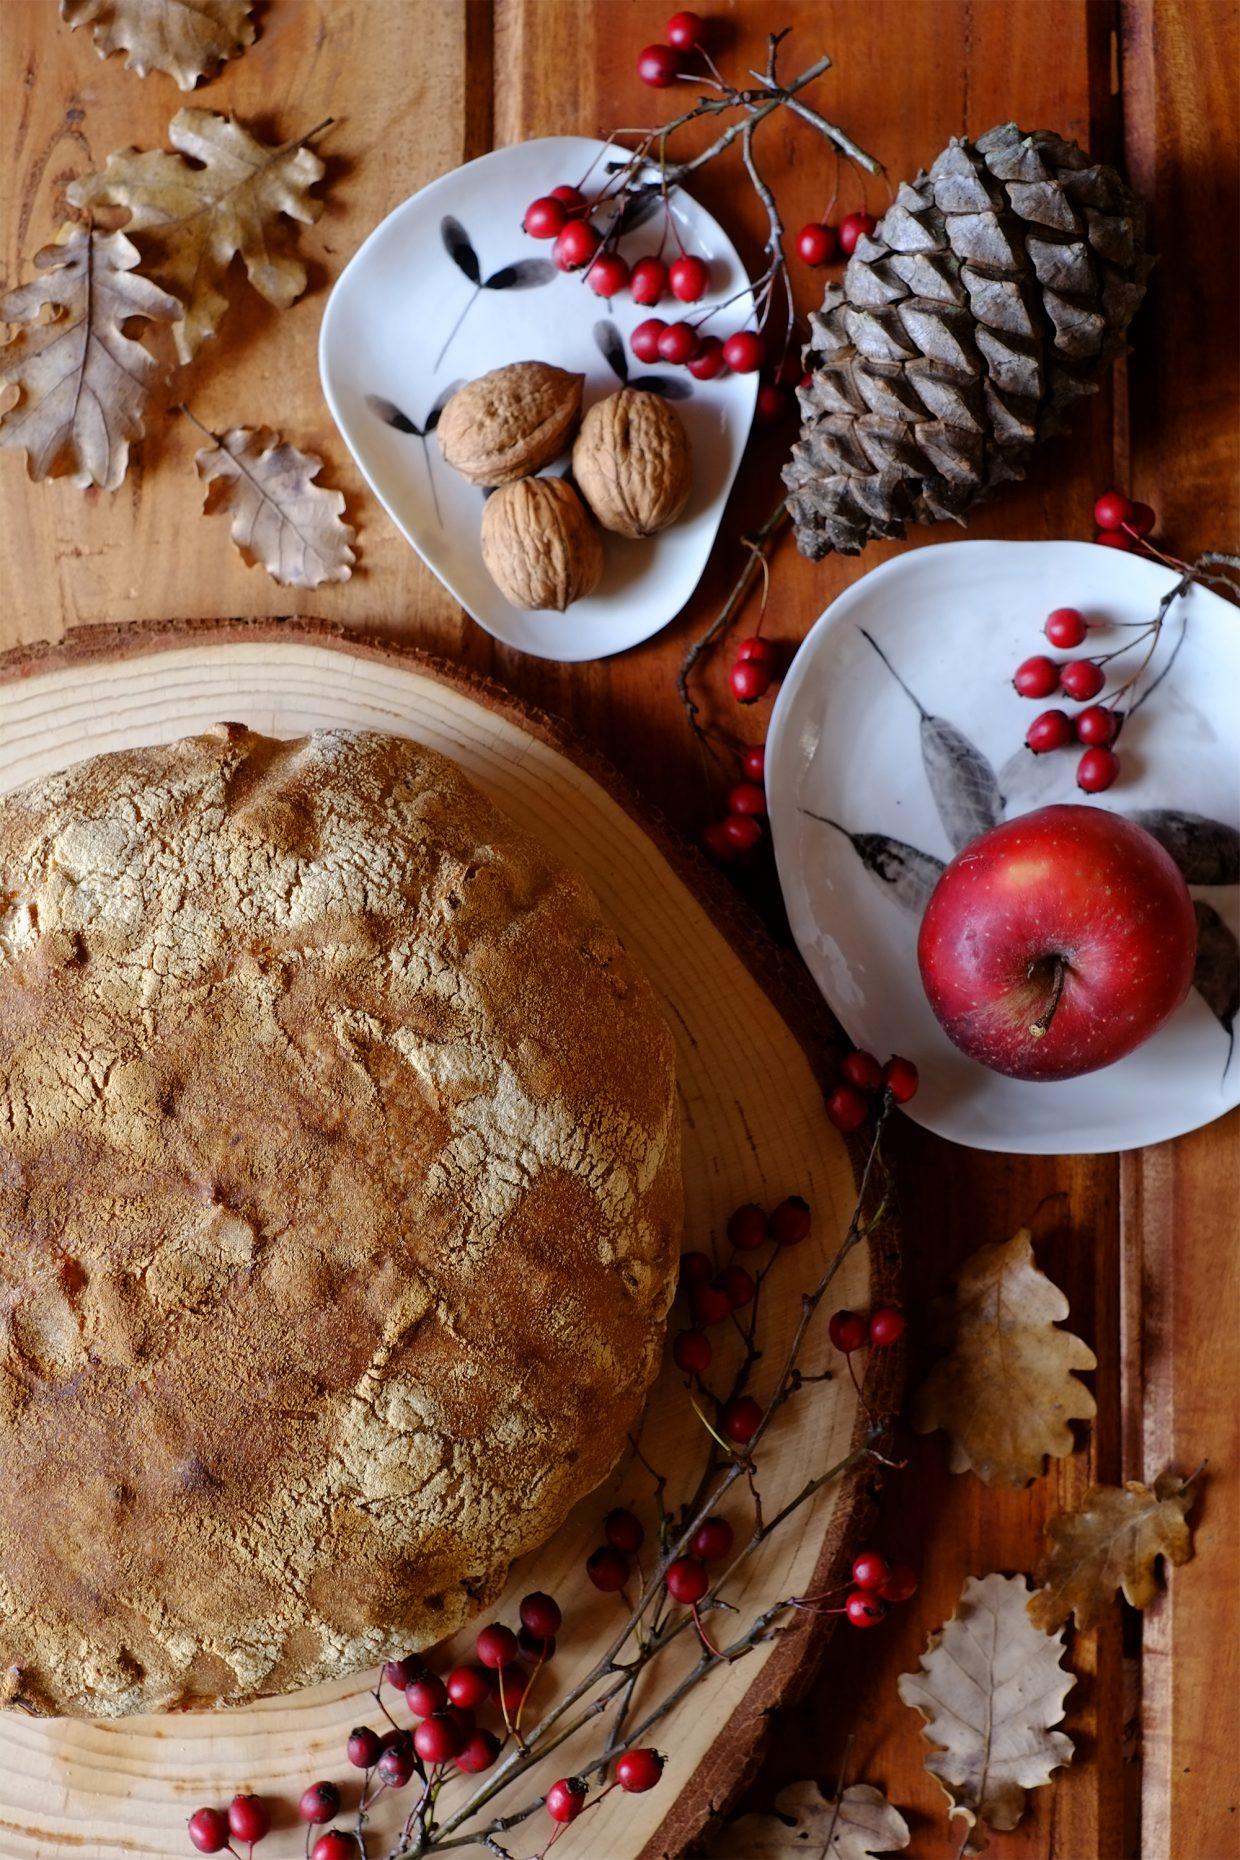 Pane semintegrale con mele e noci, nel silenzio di Gennaio 22